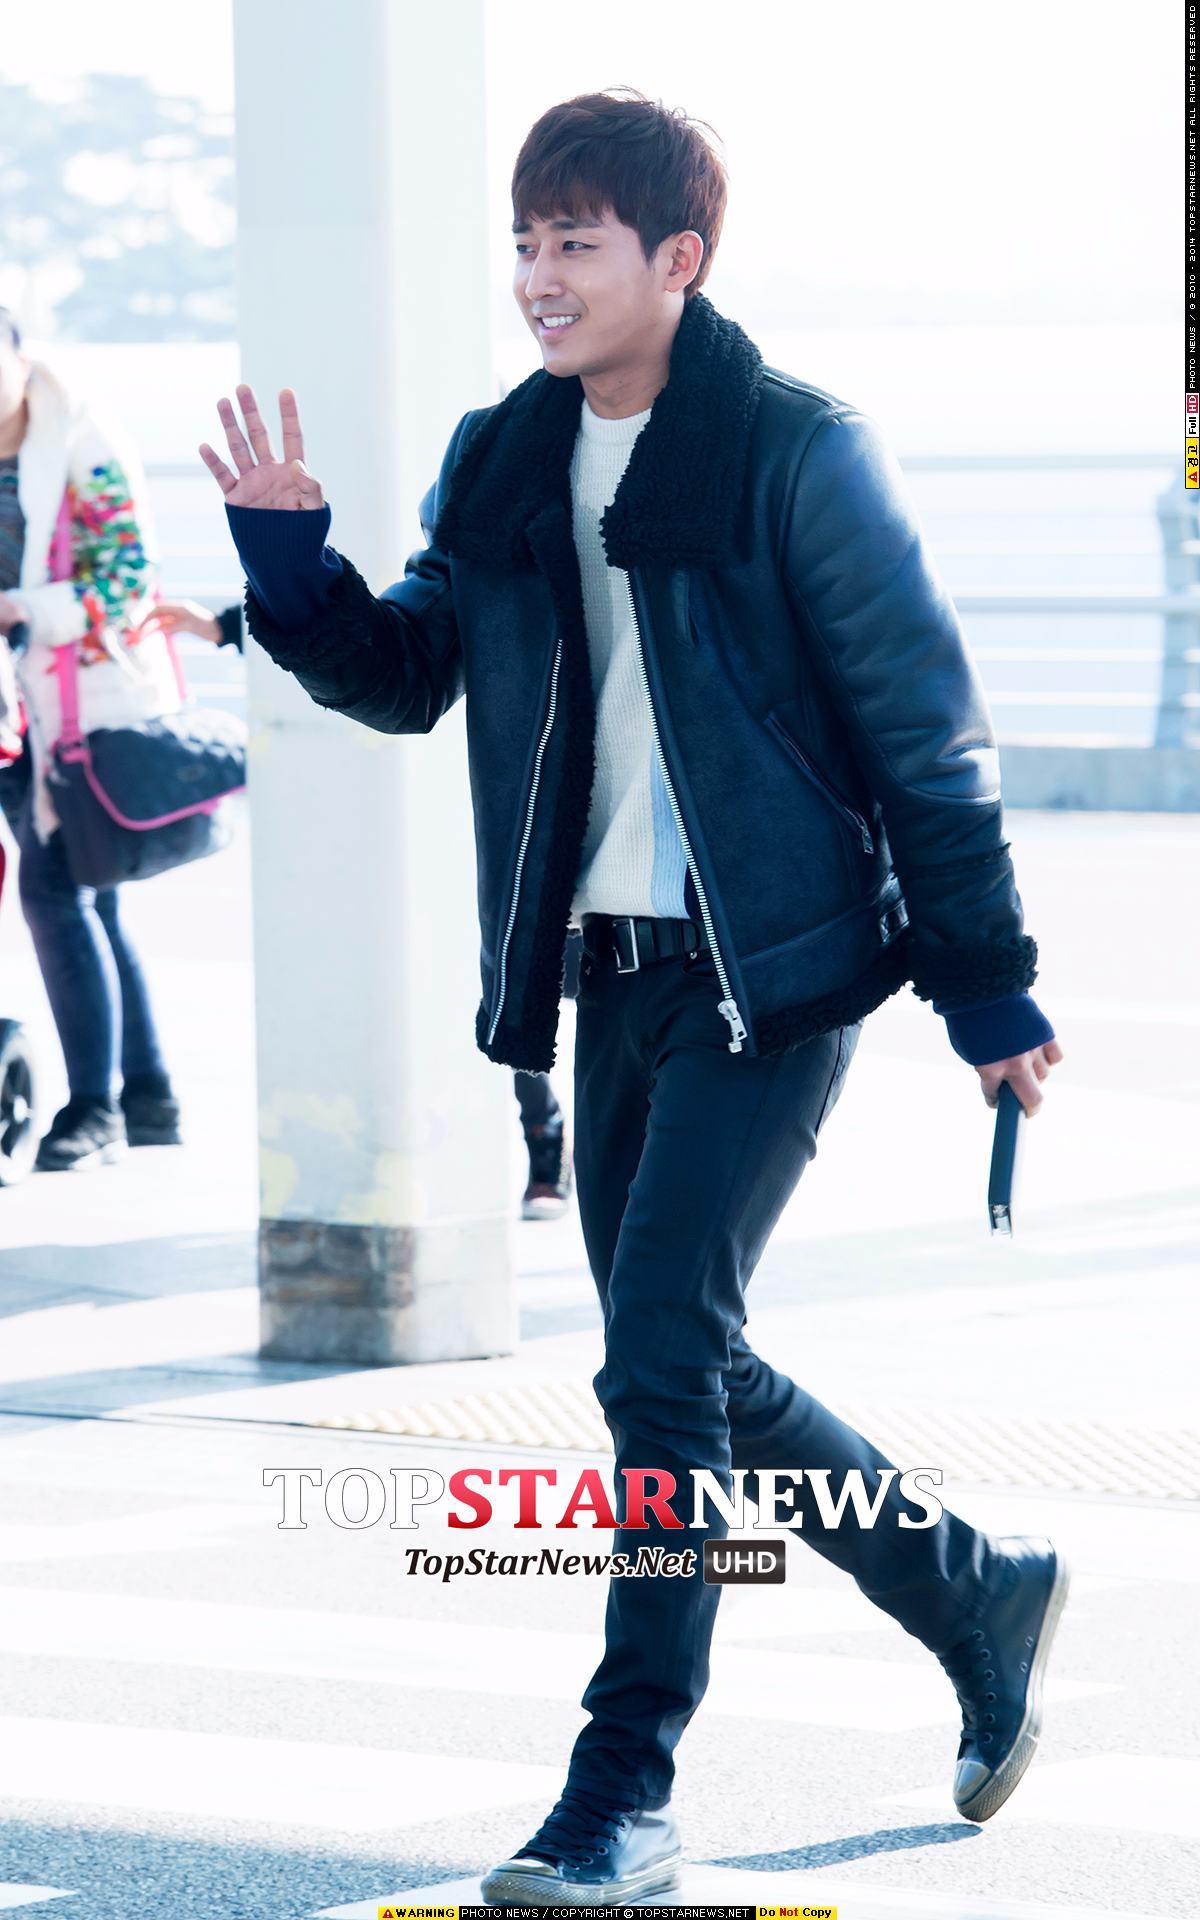 另外,今天還有韓國媒體爆料,6月從MBK娛樂約滿的孫浩俊即將離開,MBK也表示,「如果他有屬意的公司,會給予祝福」,甚至傳出他將加盟YG娛樂,難道要跟著「車大嬸」車勝元的腳步踏入YG了嗎?